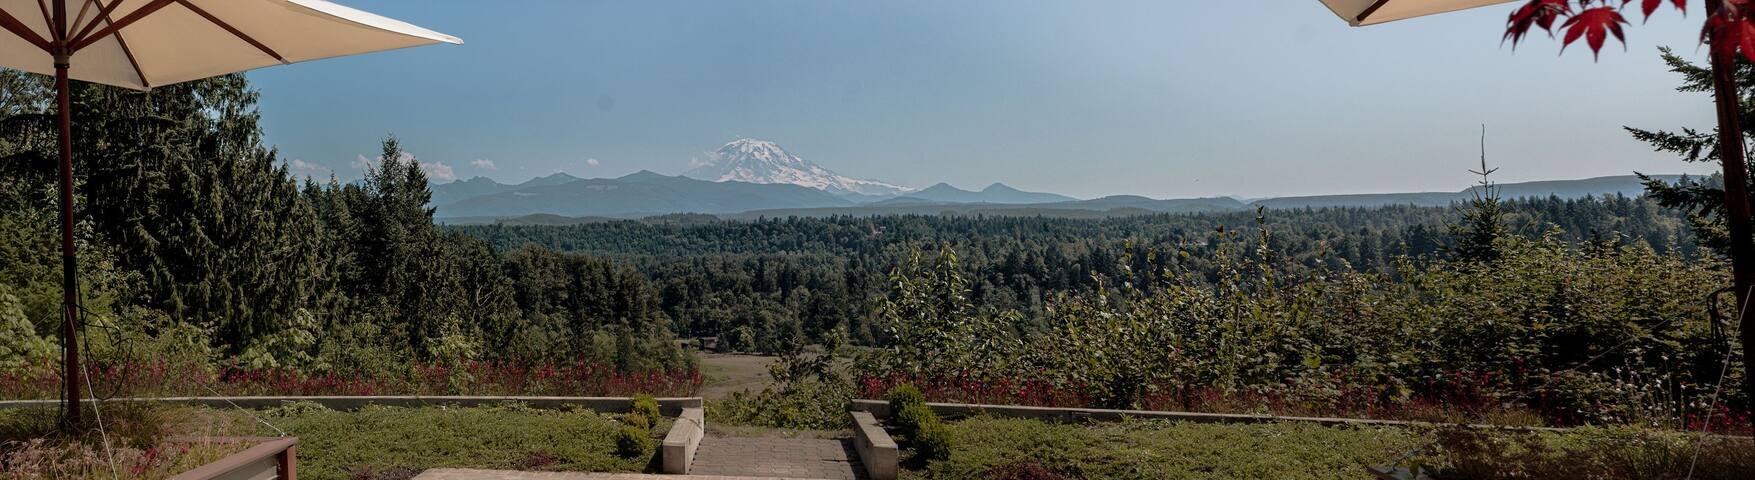 Lavista Hills